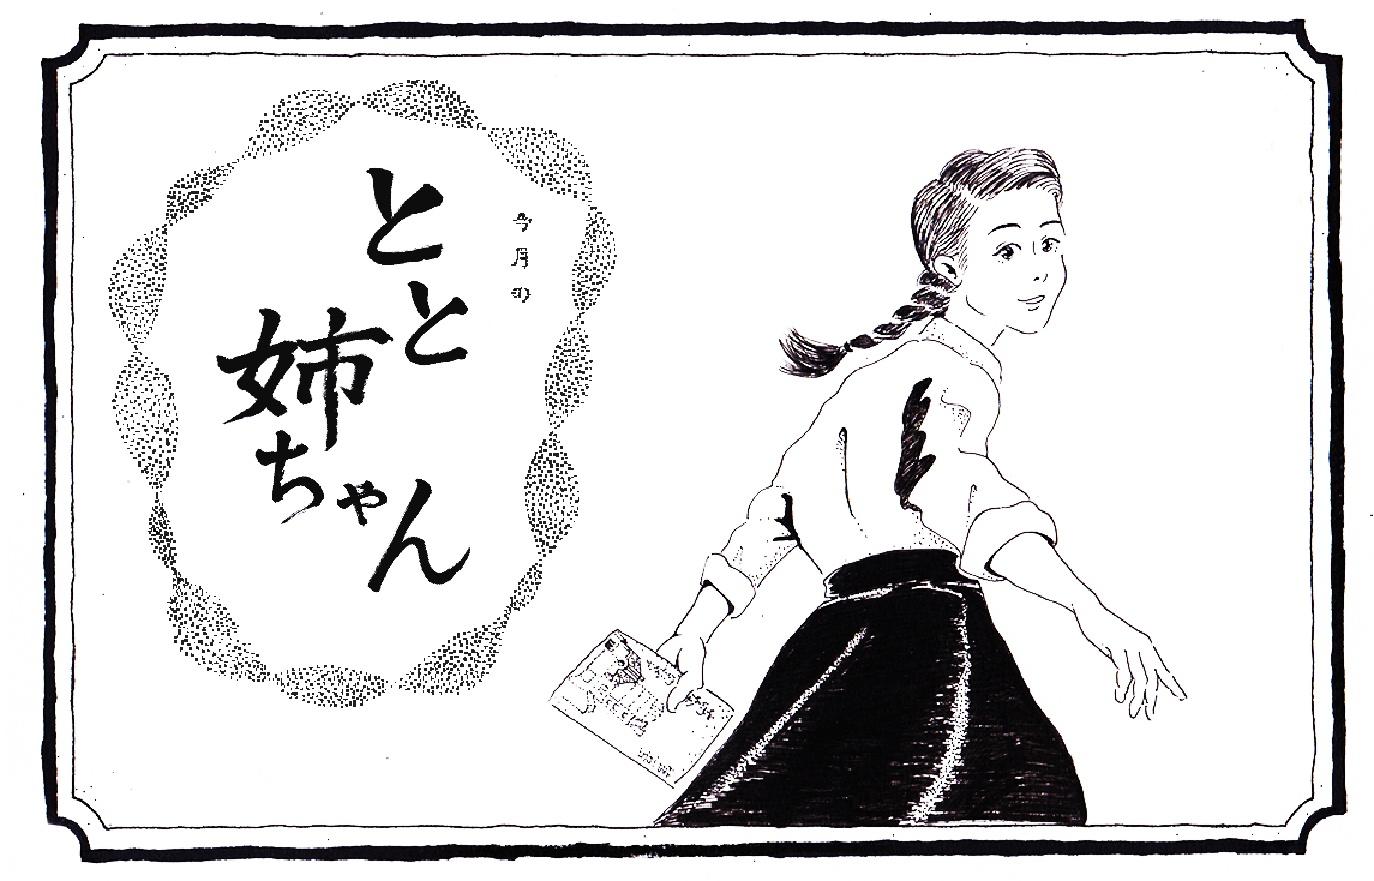 【とと姉ちゃん5月期レビュー】「女でも望むように生きていいんだ」ヒロインの意識改革